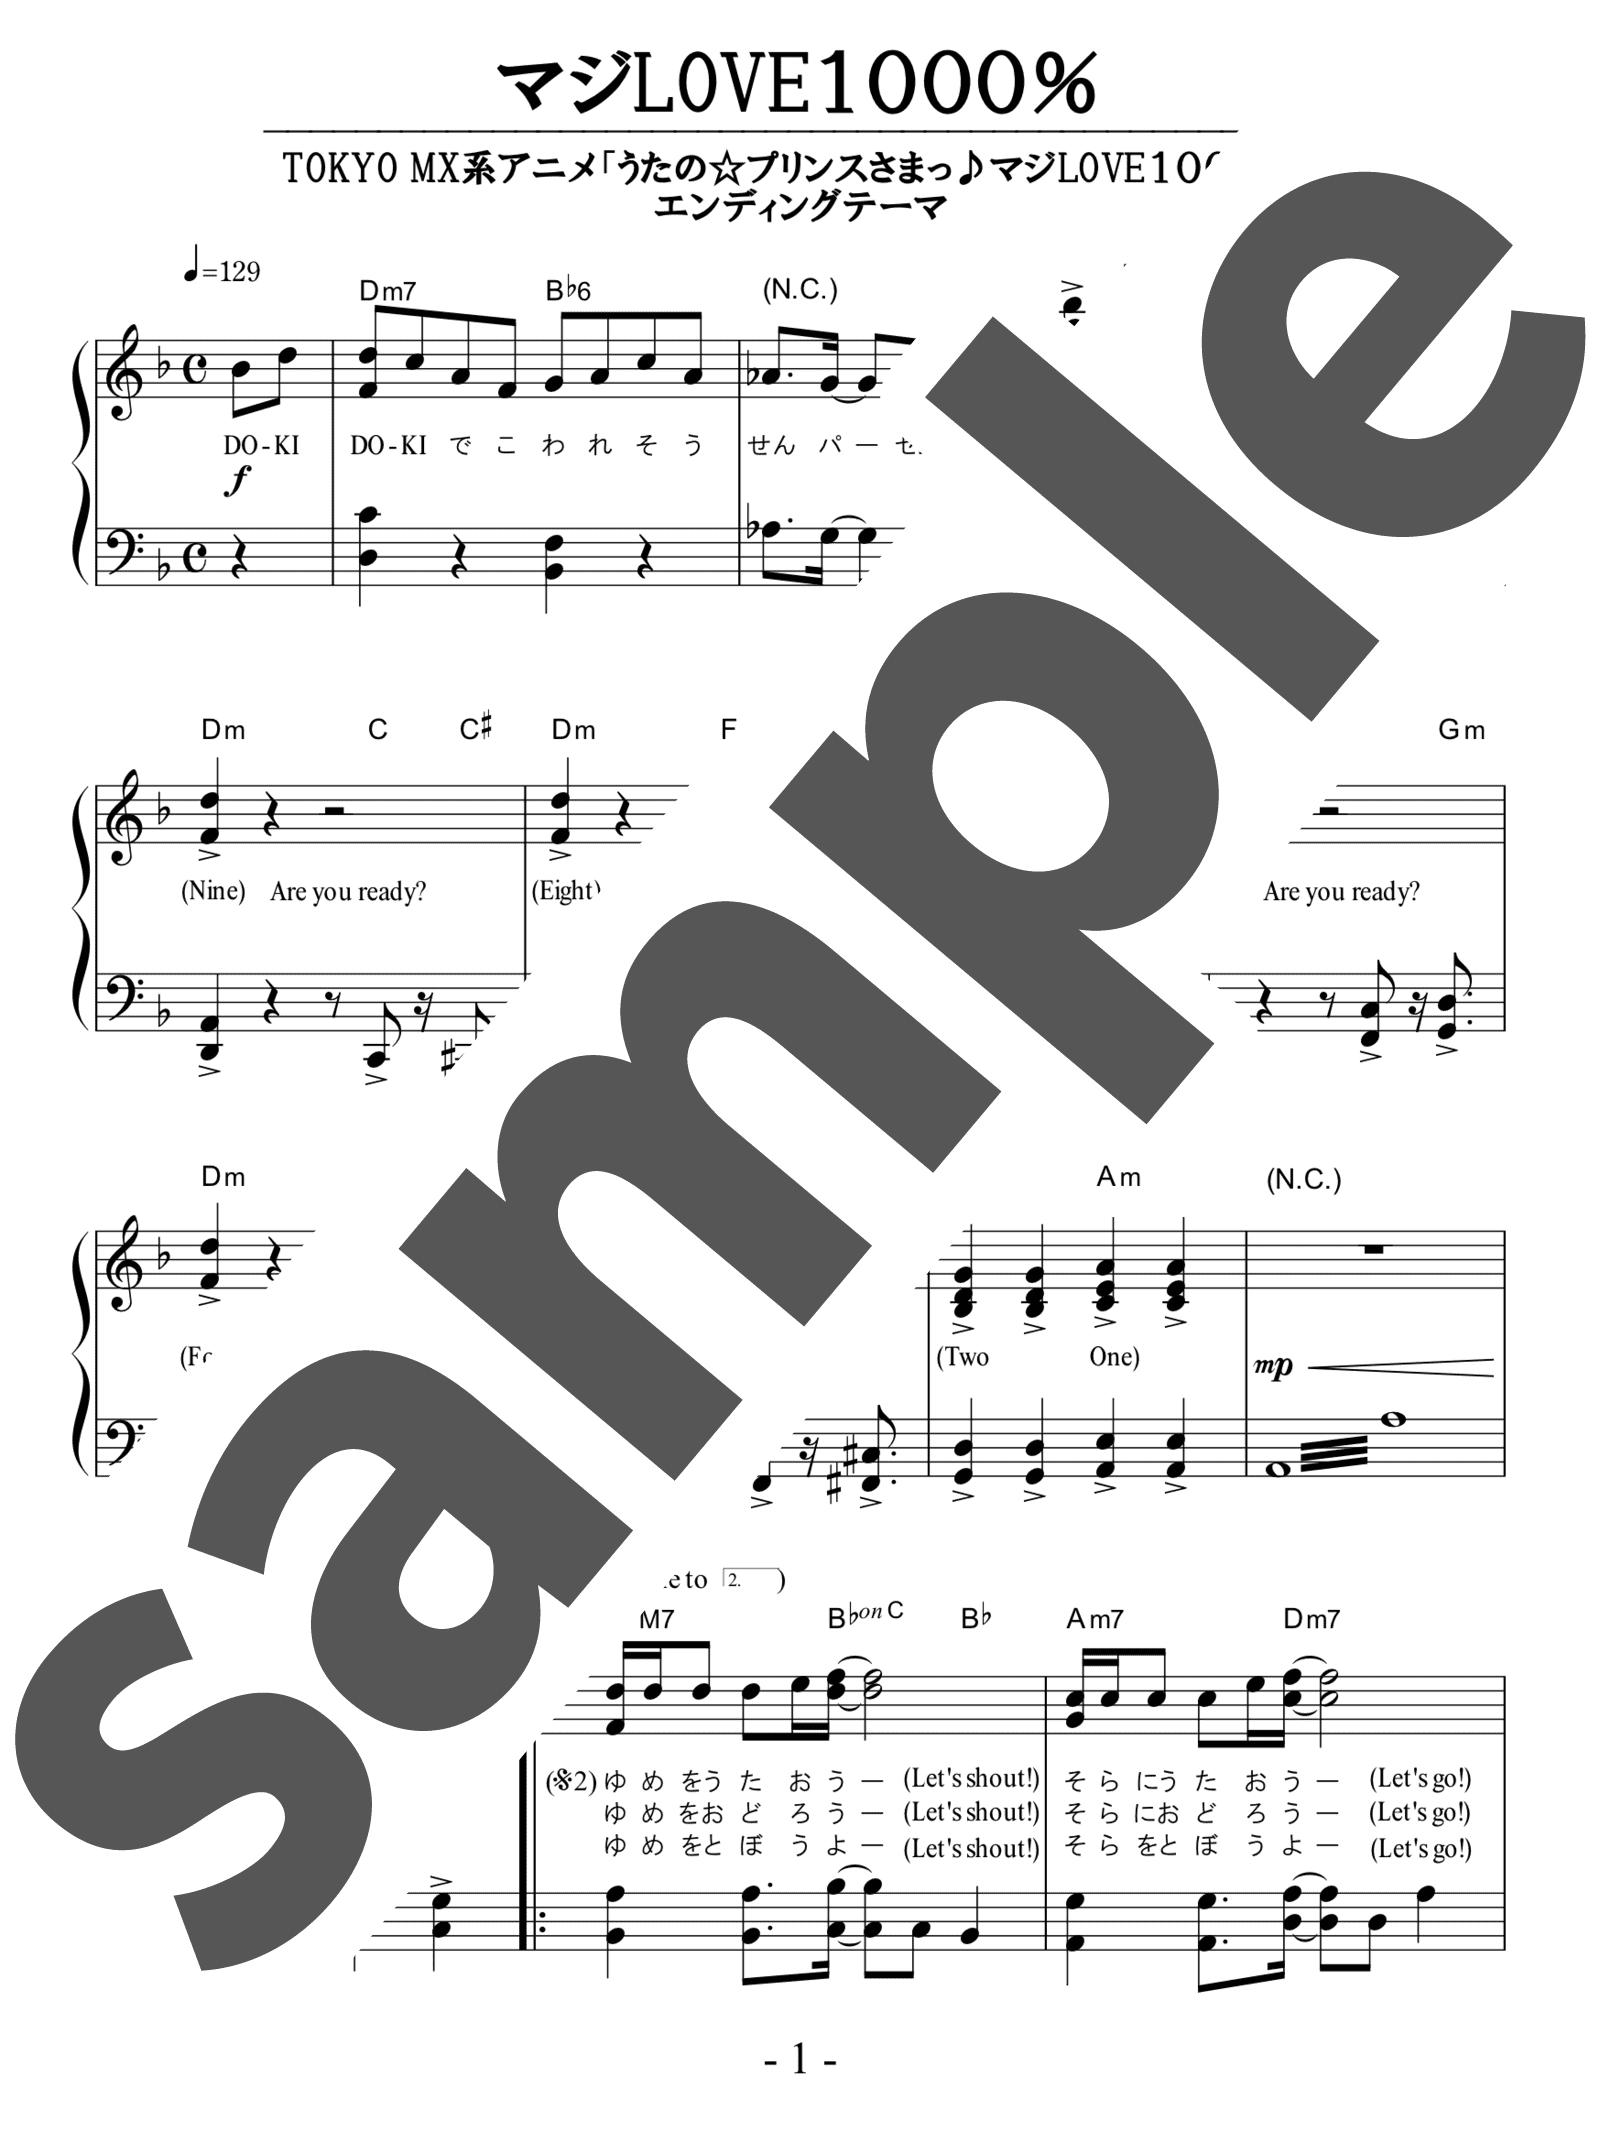 「マジLOVE1000%」のサンプル楽譜